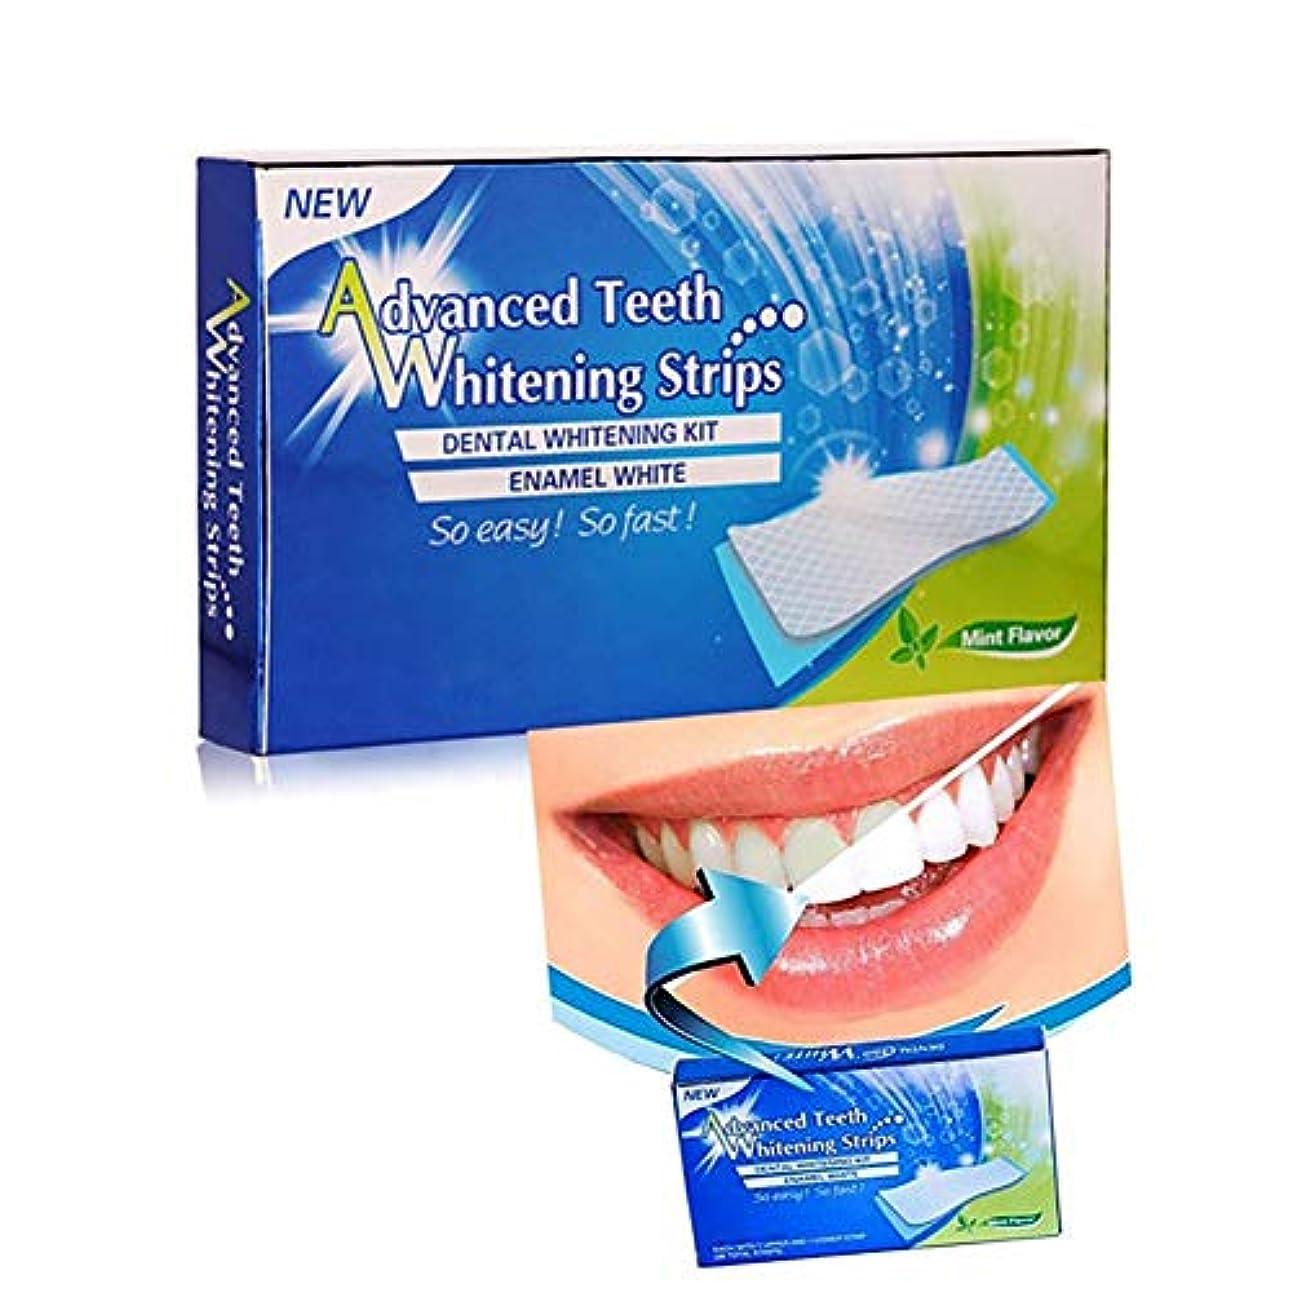 可愛いインターネット犯罪口腔洗浄器3Dホワイトニング歯磨き粉セット、28回